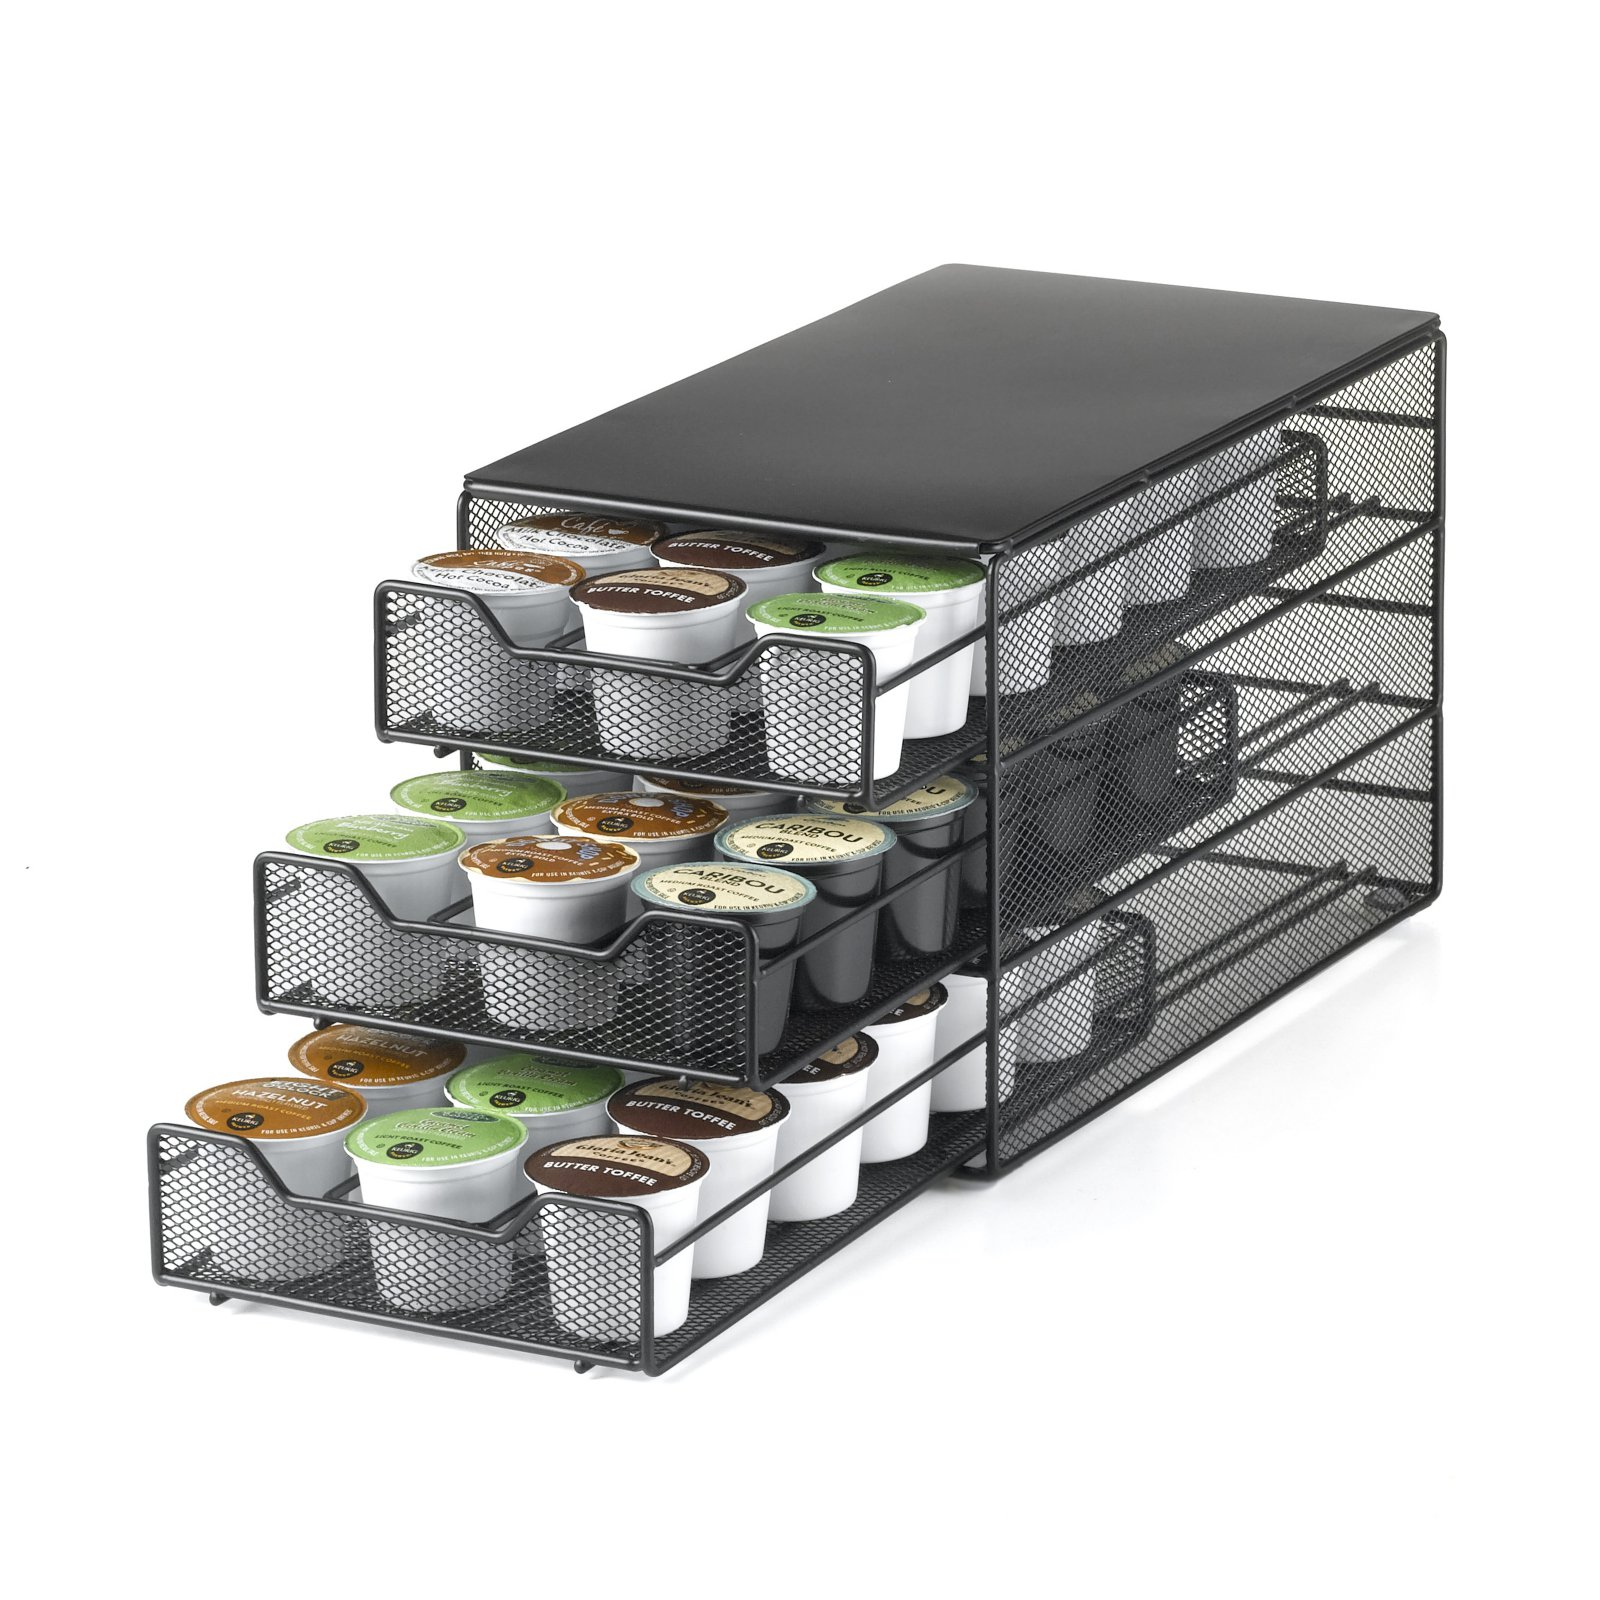 Keurig Approved 3-tier Drawer - 54 Capacity